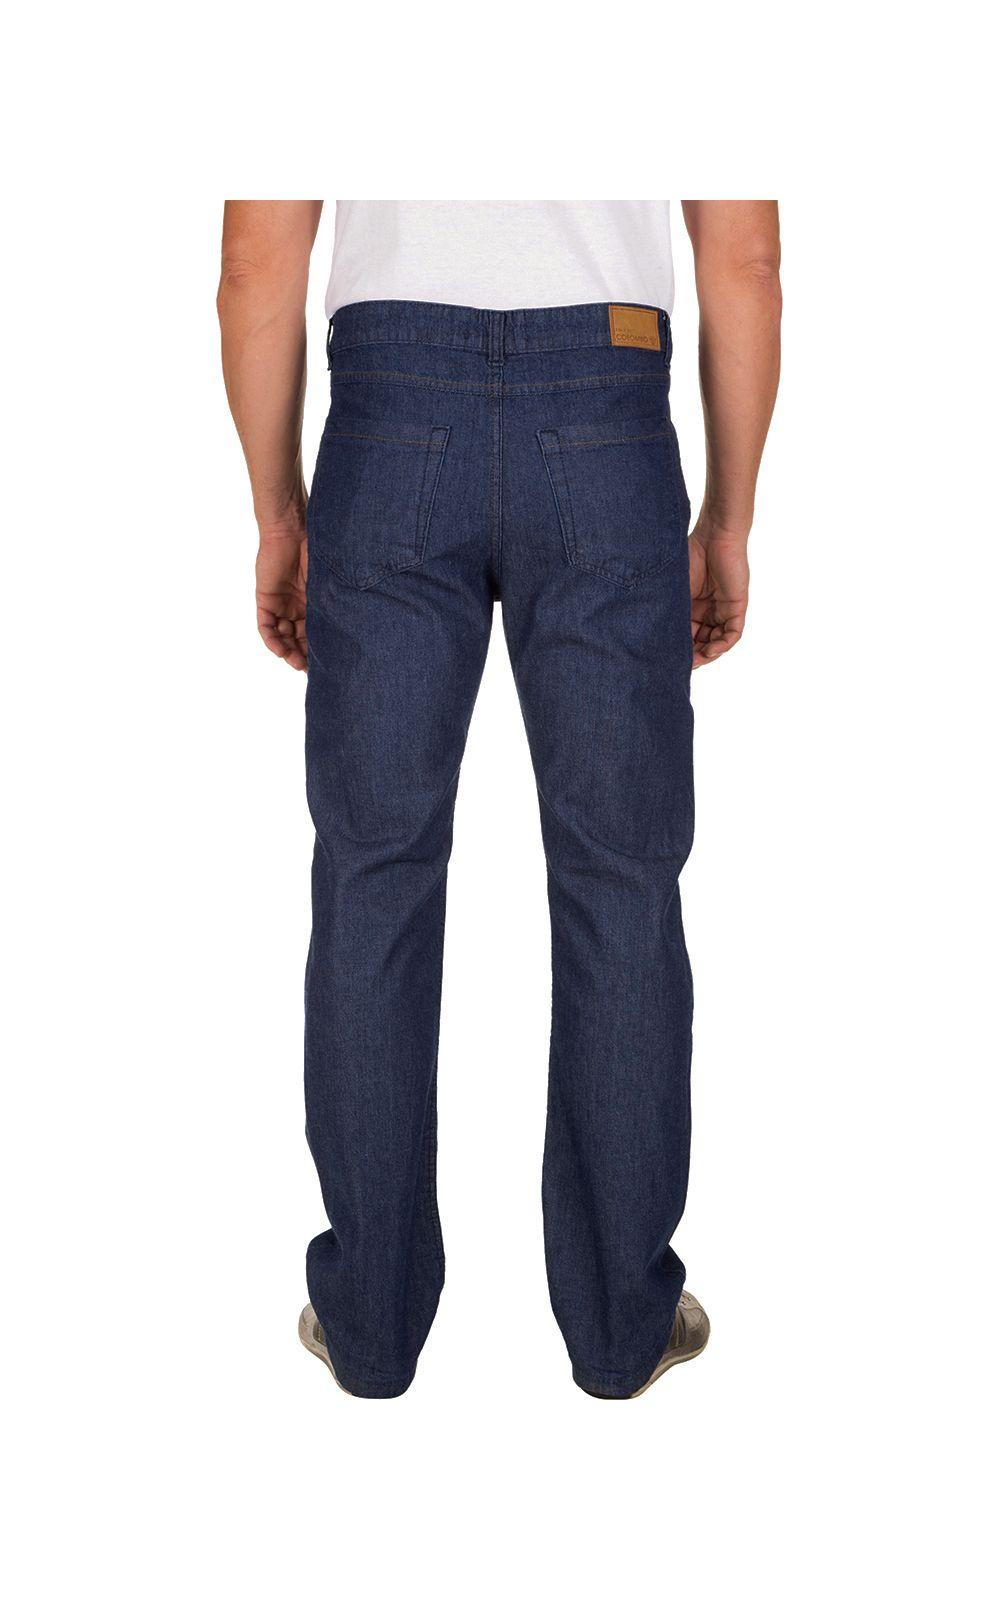 Foto 2 - Calça Jeans Masculina Azul Escuro Lisa